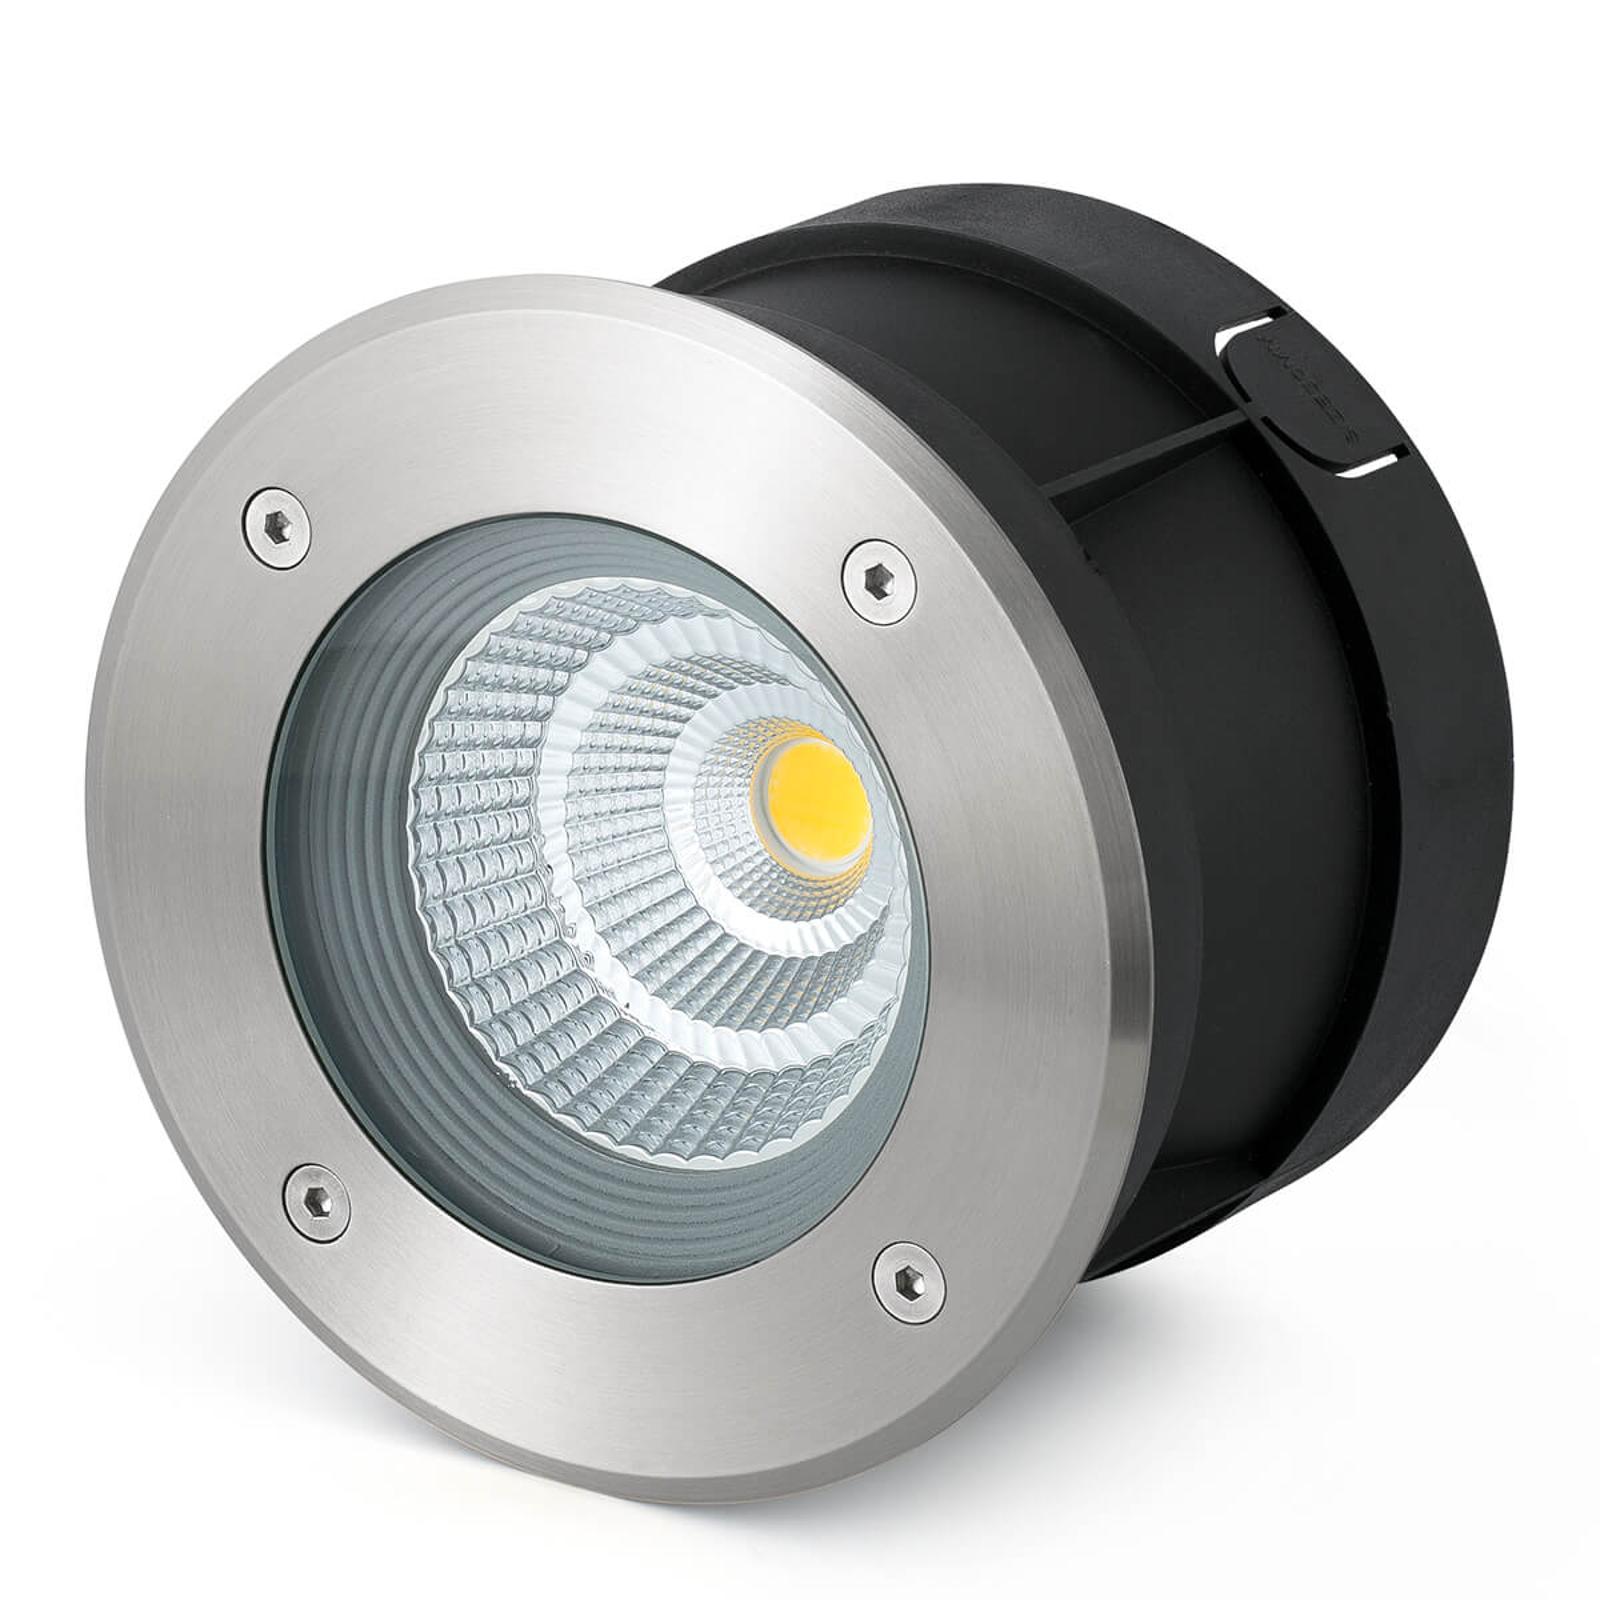 Suria-12 – oprawa wpuszczana w podłogę LED, IP67